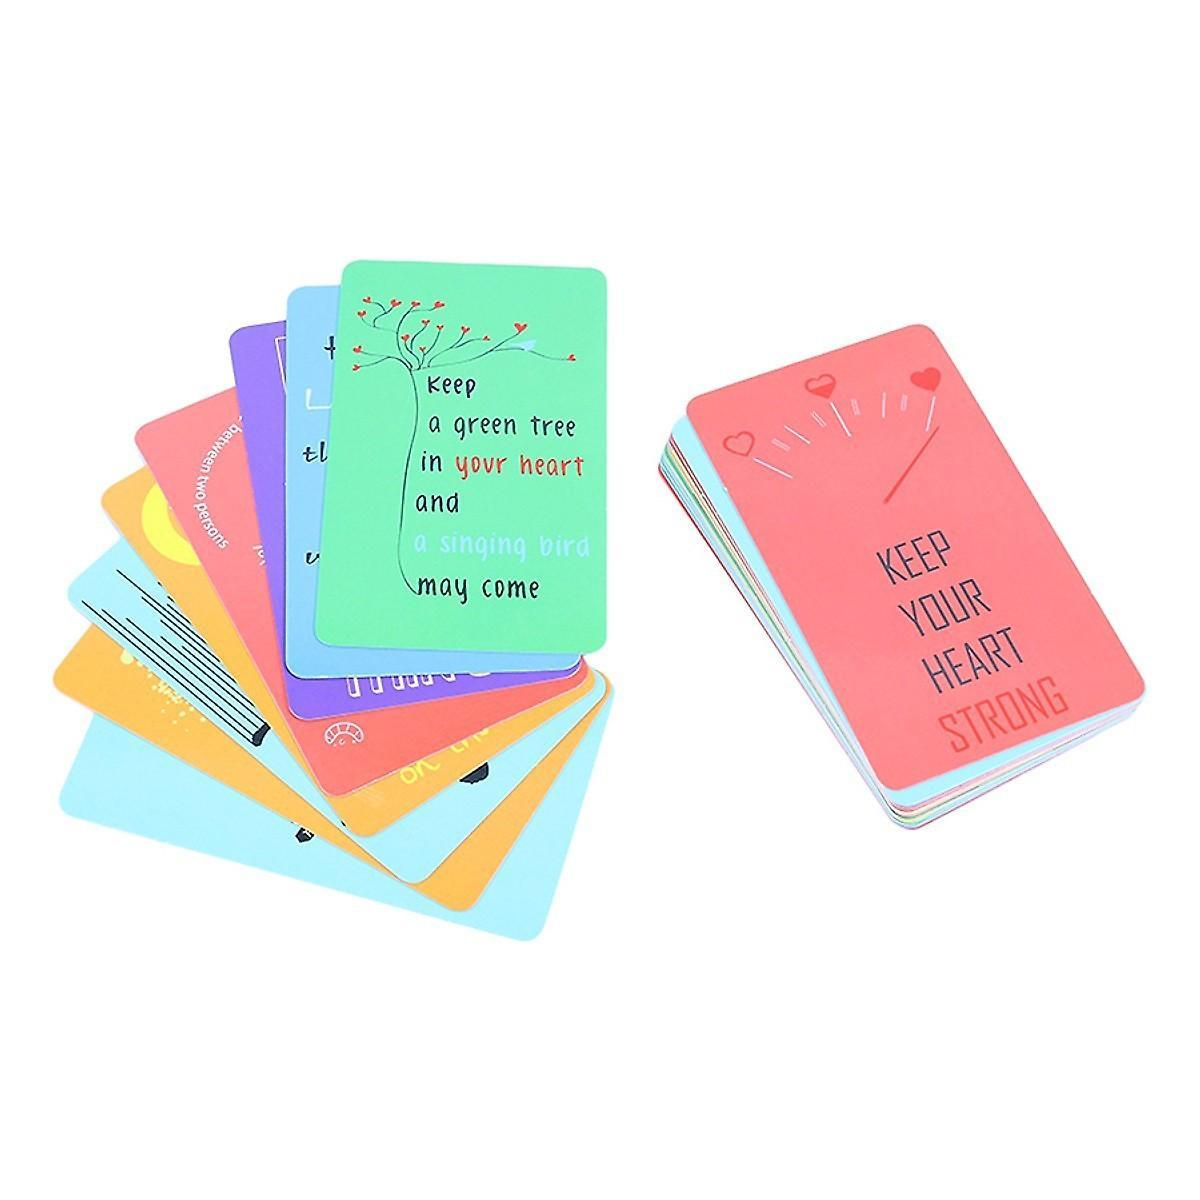 Combo 2 Cuốn Sách Kinh Tế Bán Chạy: Bí Mật Tư Duy Triệu Phú + Dạy Con Làm Giàu - Để Không Có Tiền Vẫn Tạo Ra Tiền (Cẩm Nang Vàng Giúp Bạn Thành Công Và Giàu Có) - Tặng Kèm Bookmark Green Life